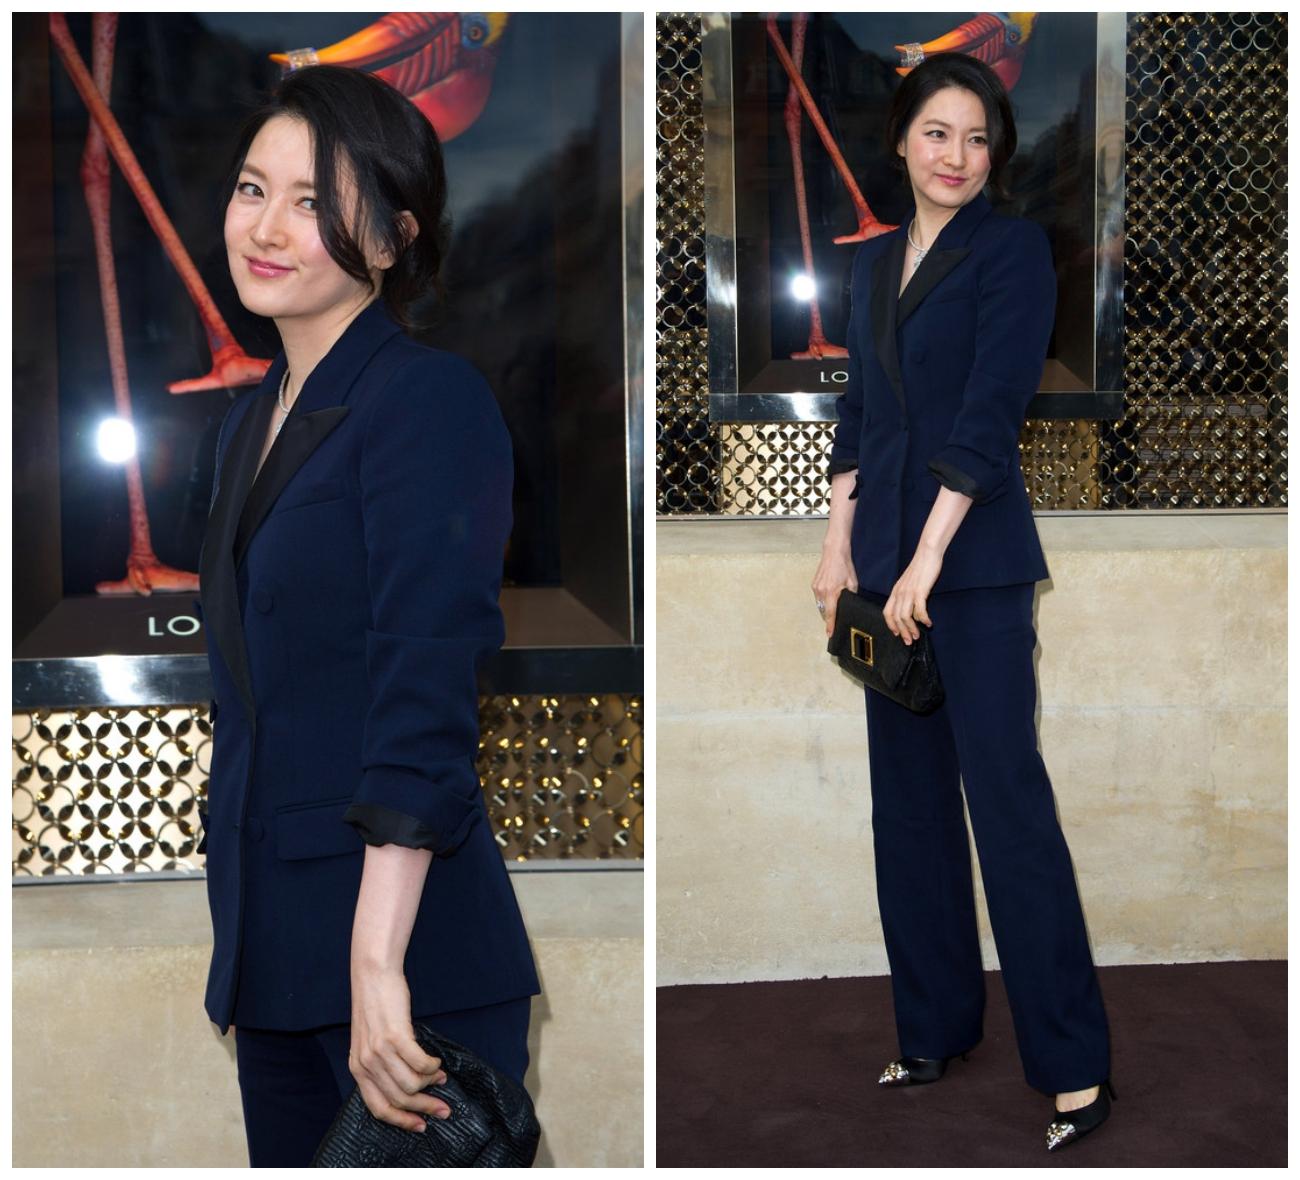 Bộ suit màu xanh đậm của Lee Young Ae được điểm thêm vòng cổ kim cương sang trọng. (Nguồn Ảnh: Dailynews)